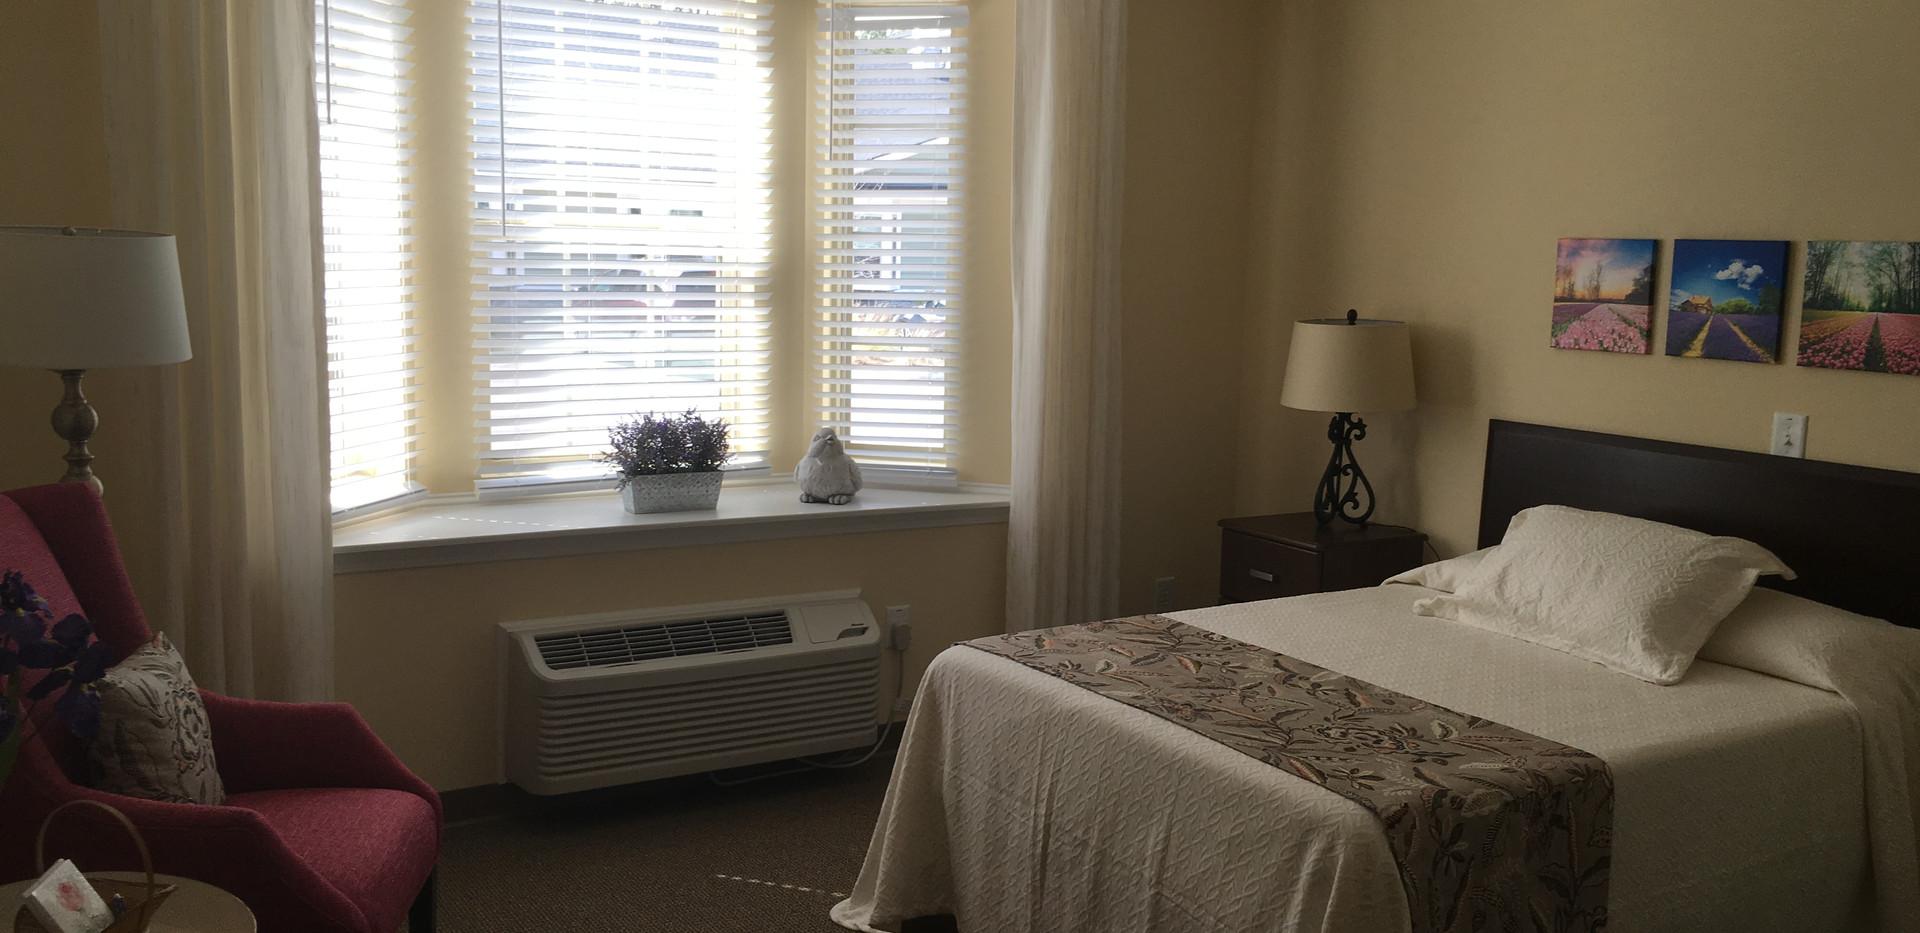 Memory Care - Resident Room #2.JPG